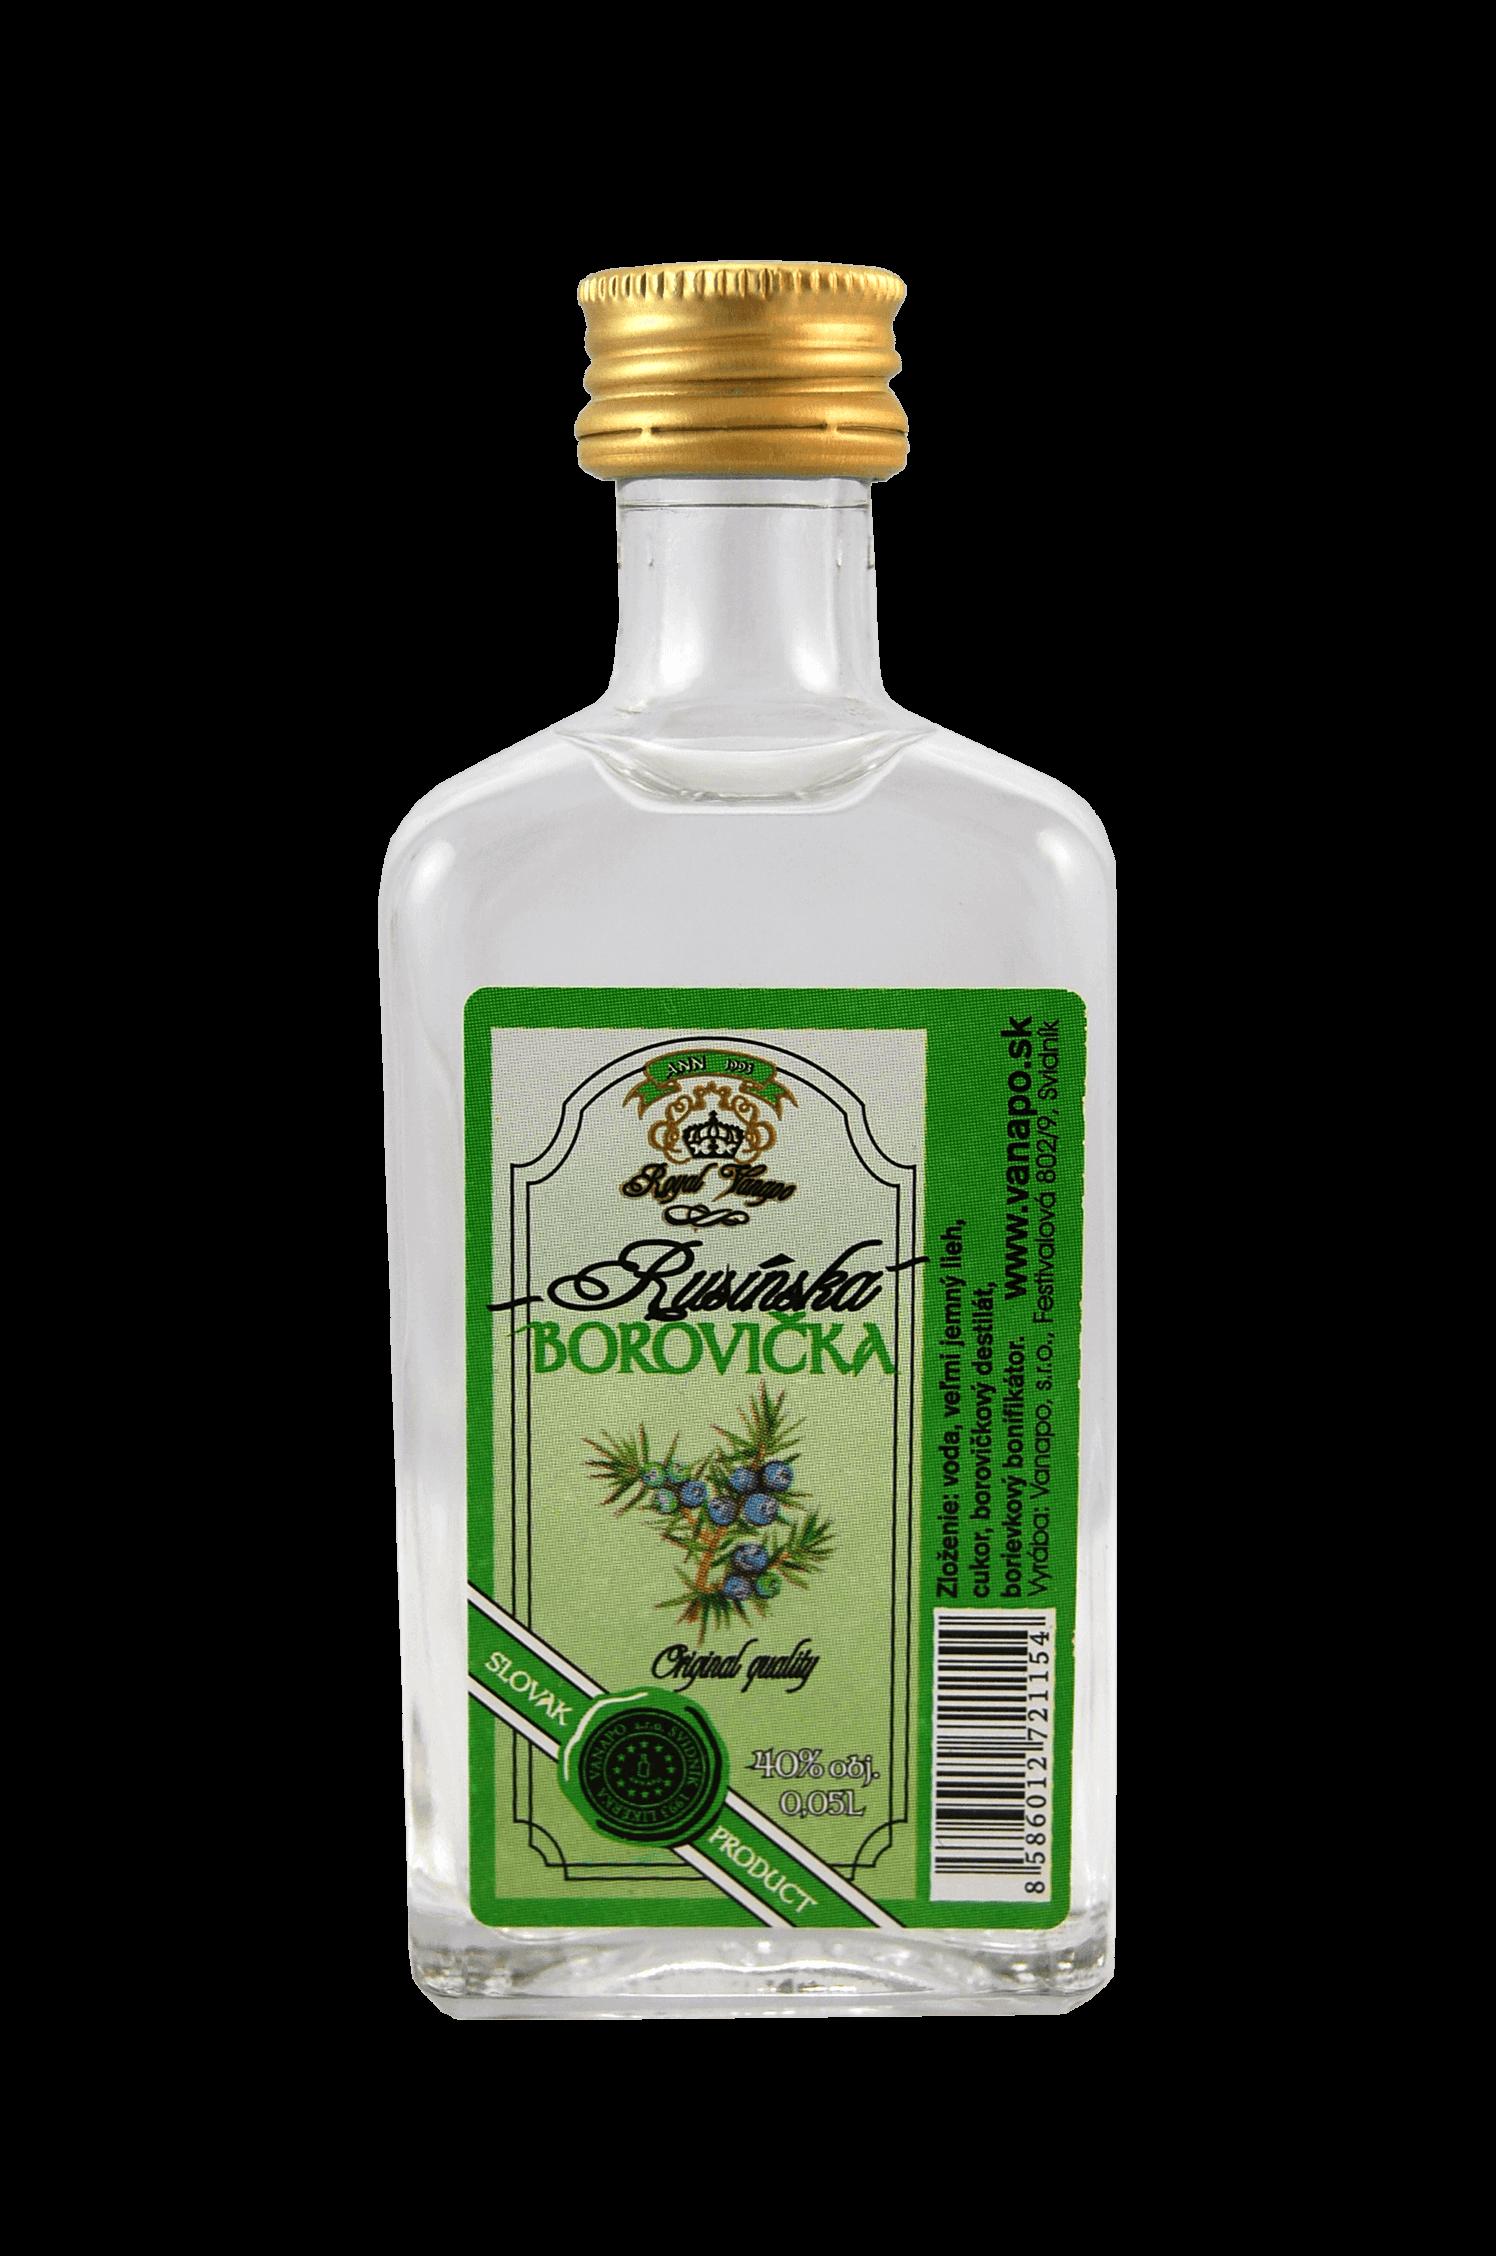 Rusínská Borovička Vanapo